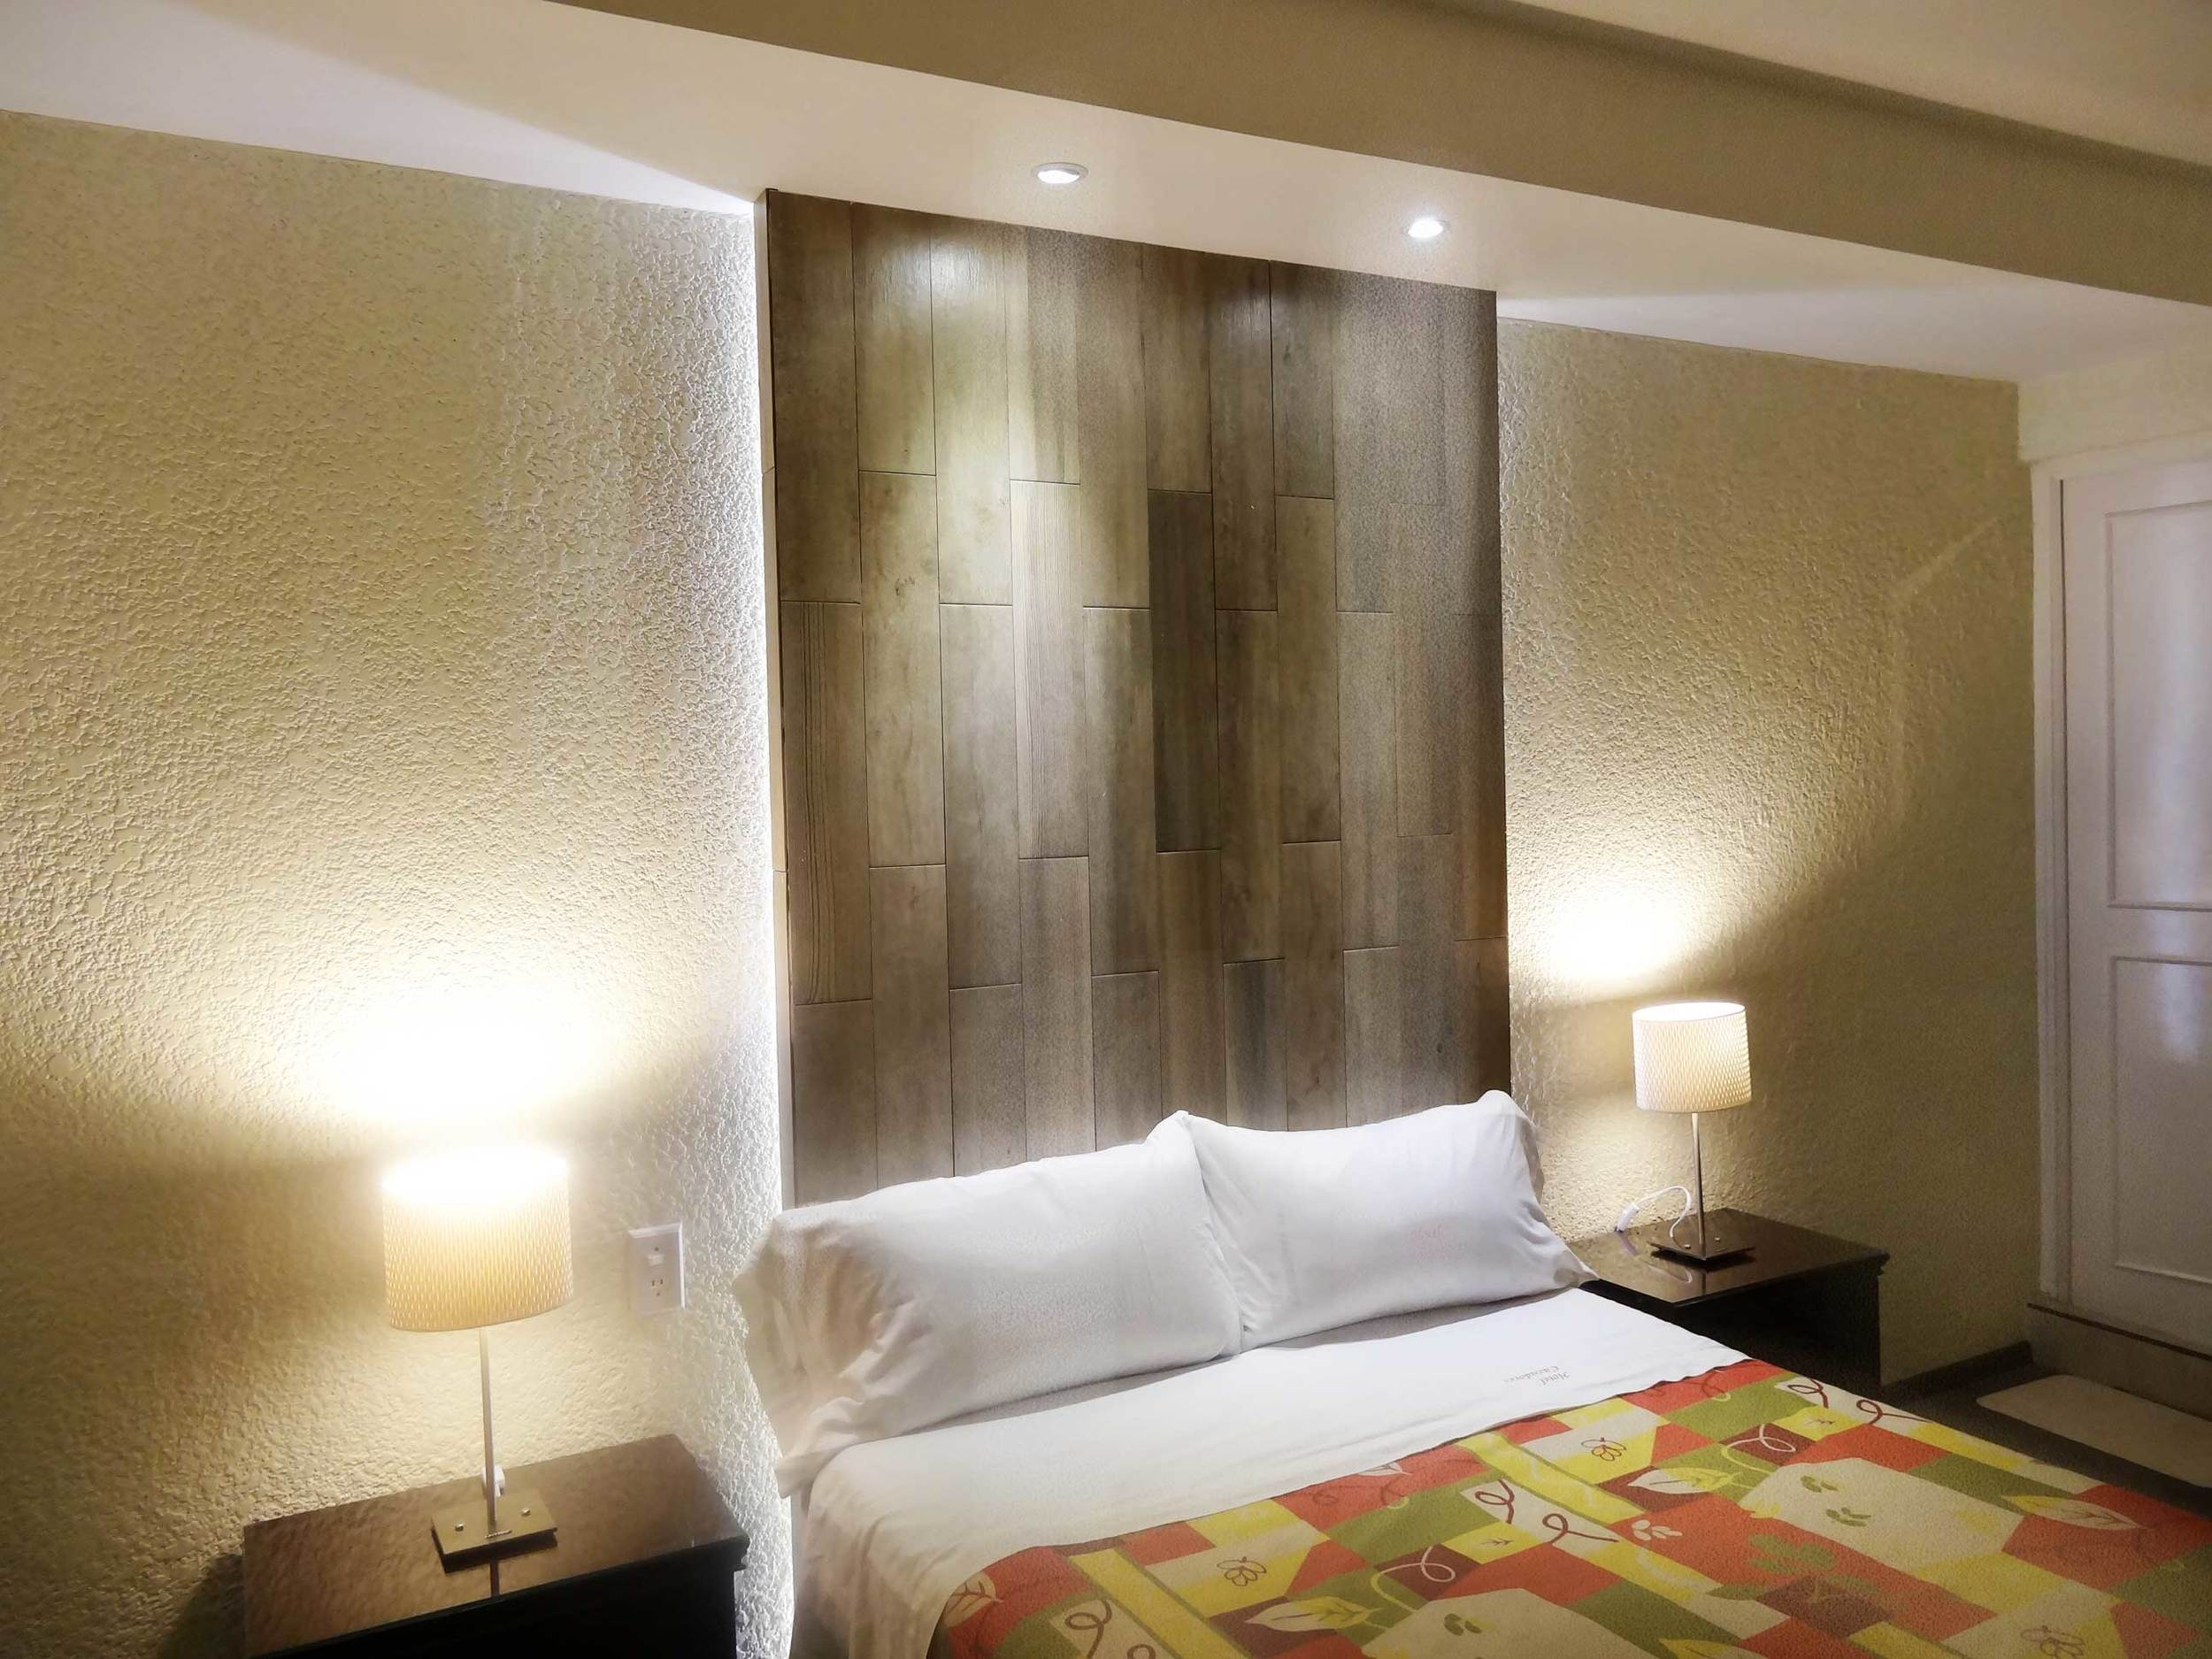 Hoteles-economicos-en-toluca